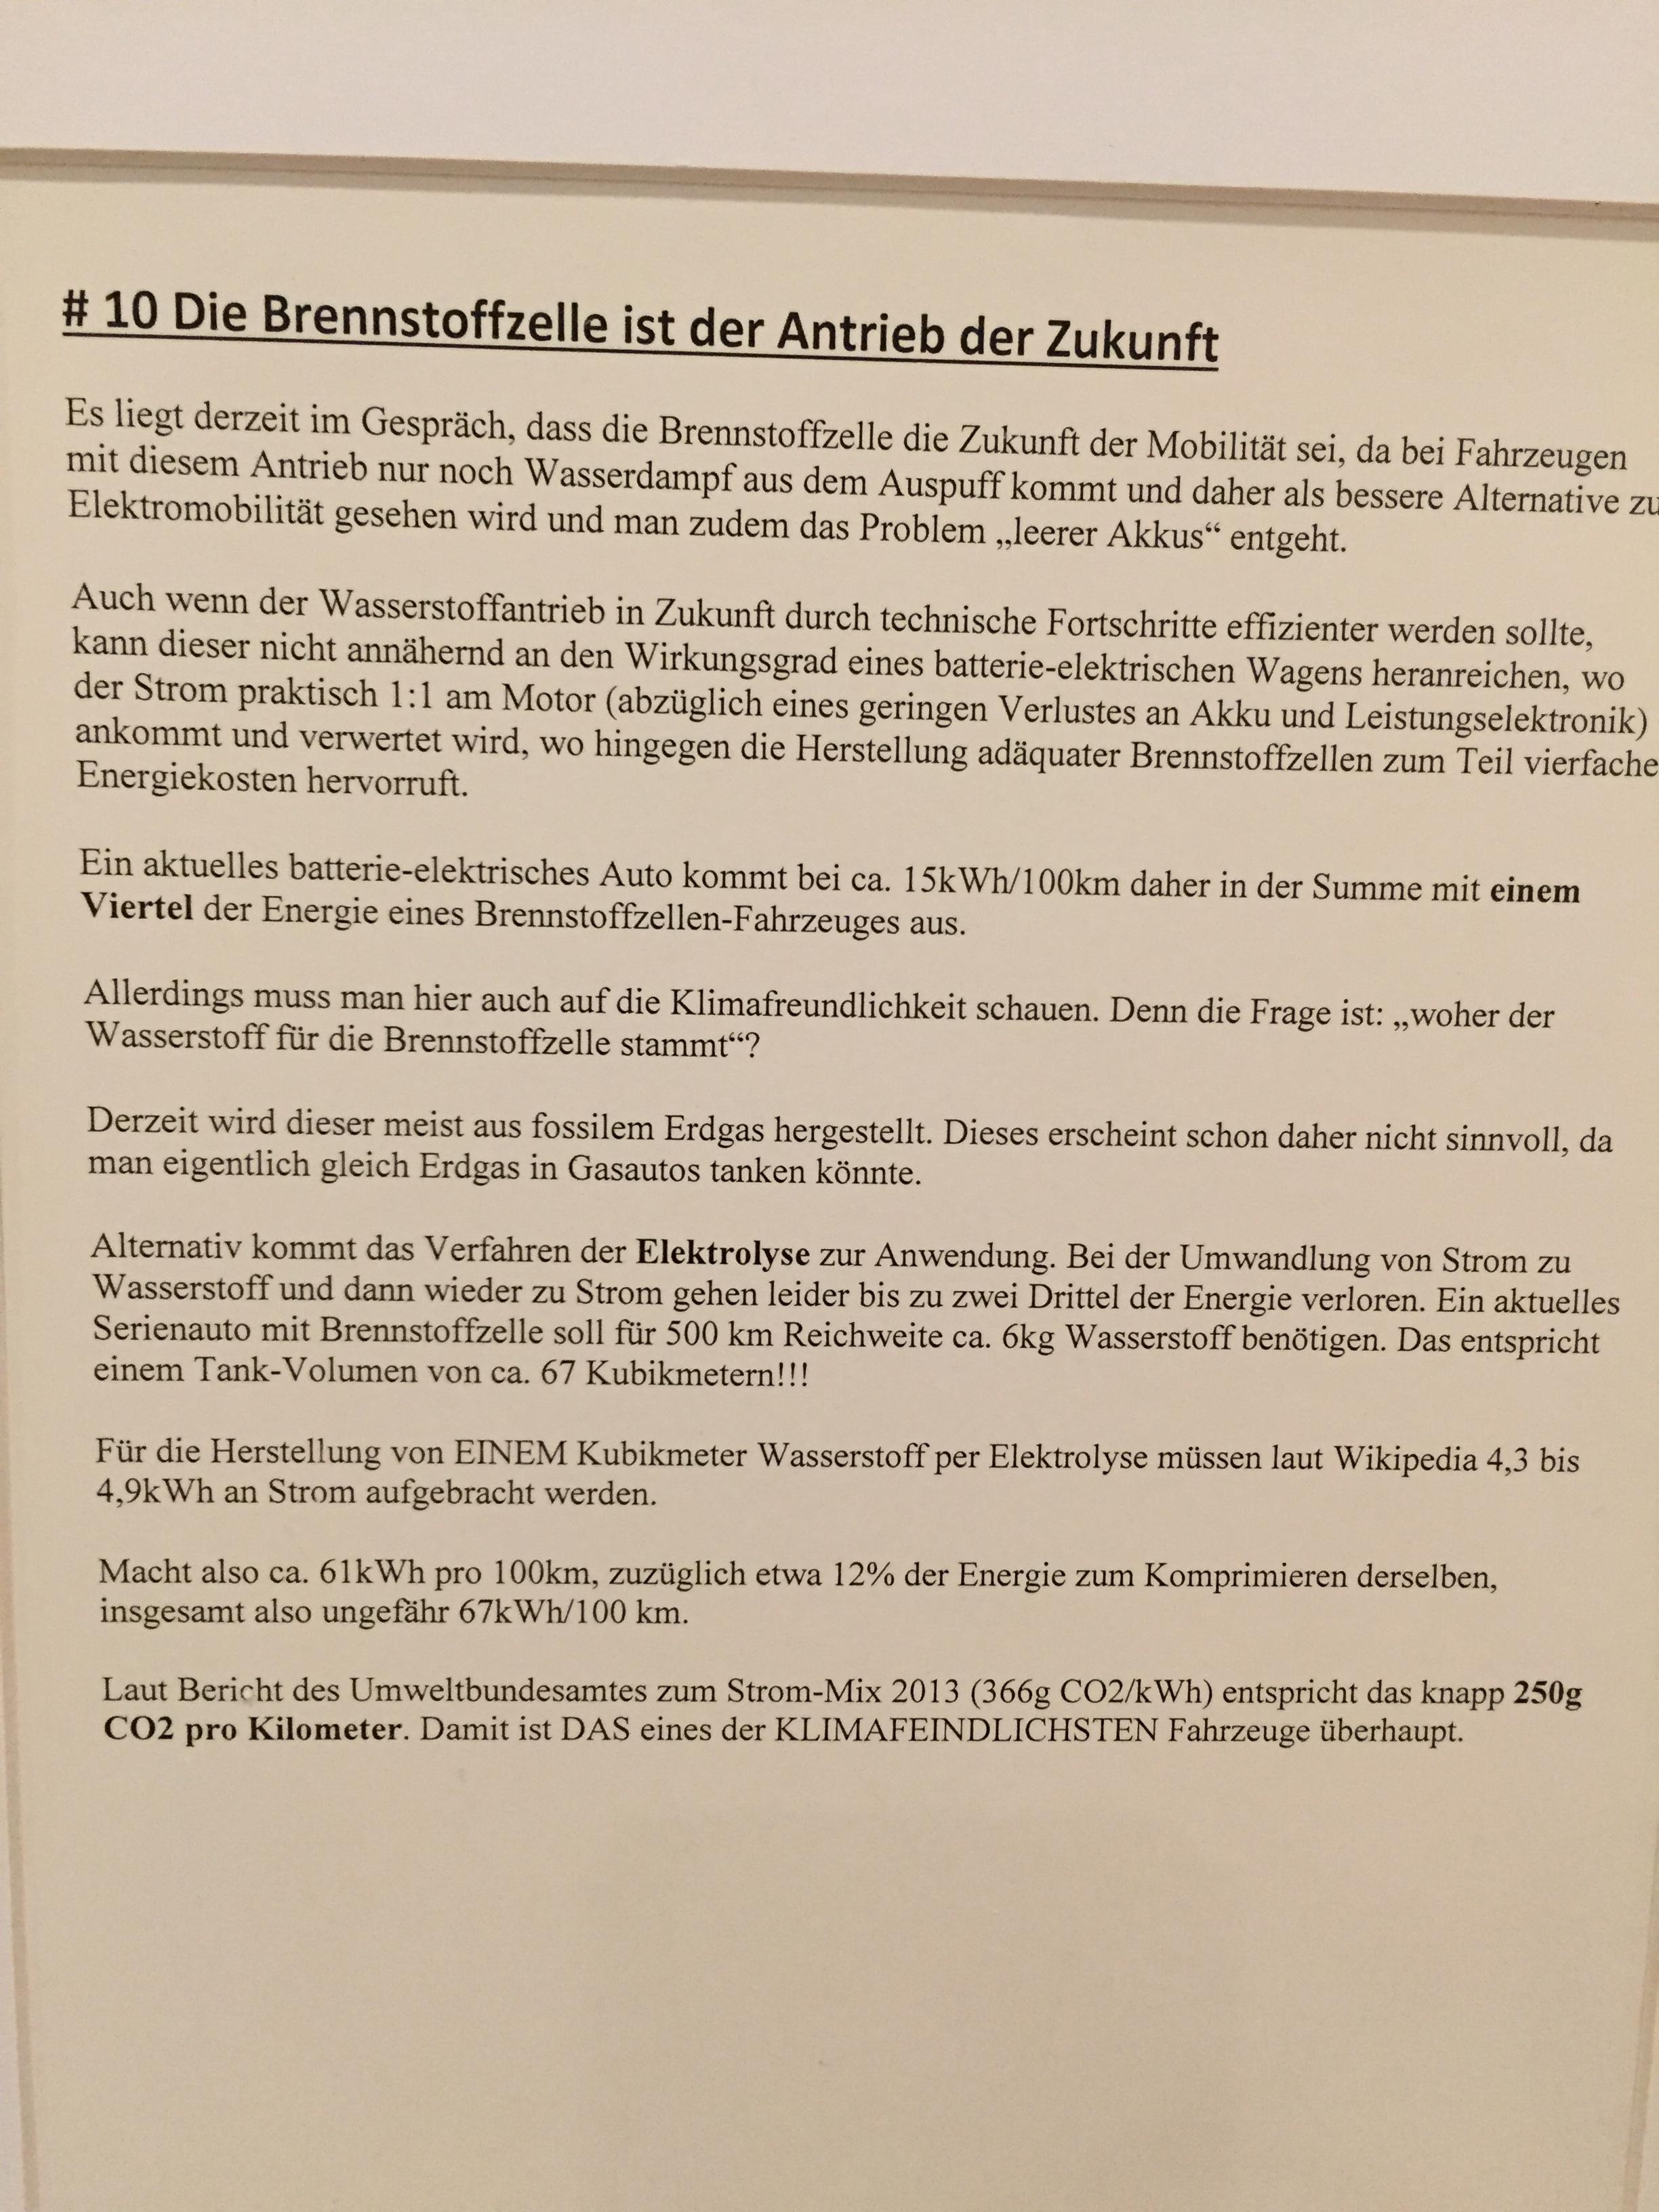 Wunderbar Wie Man Elektrische Zeichnungen Macht Galerie - Schaltplan ...